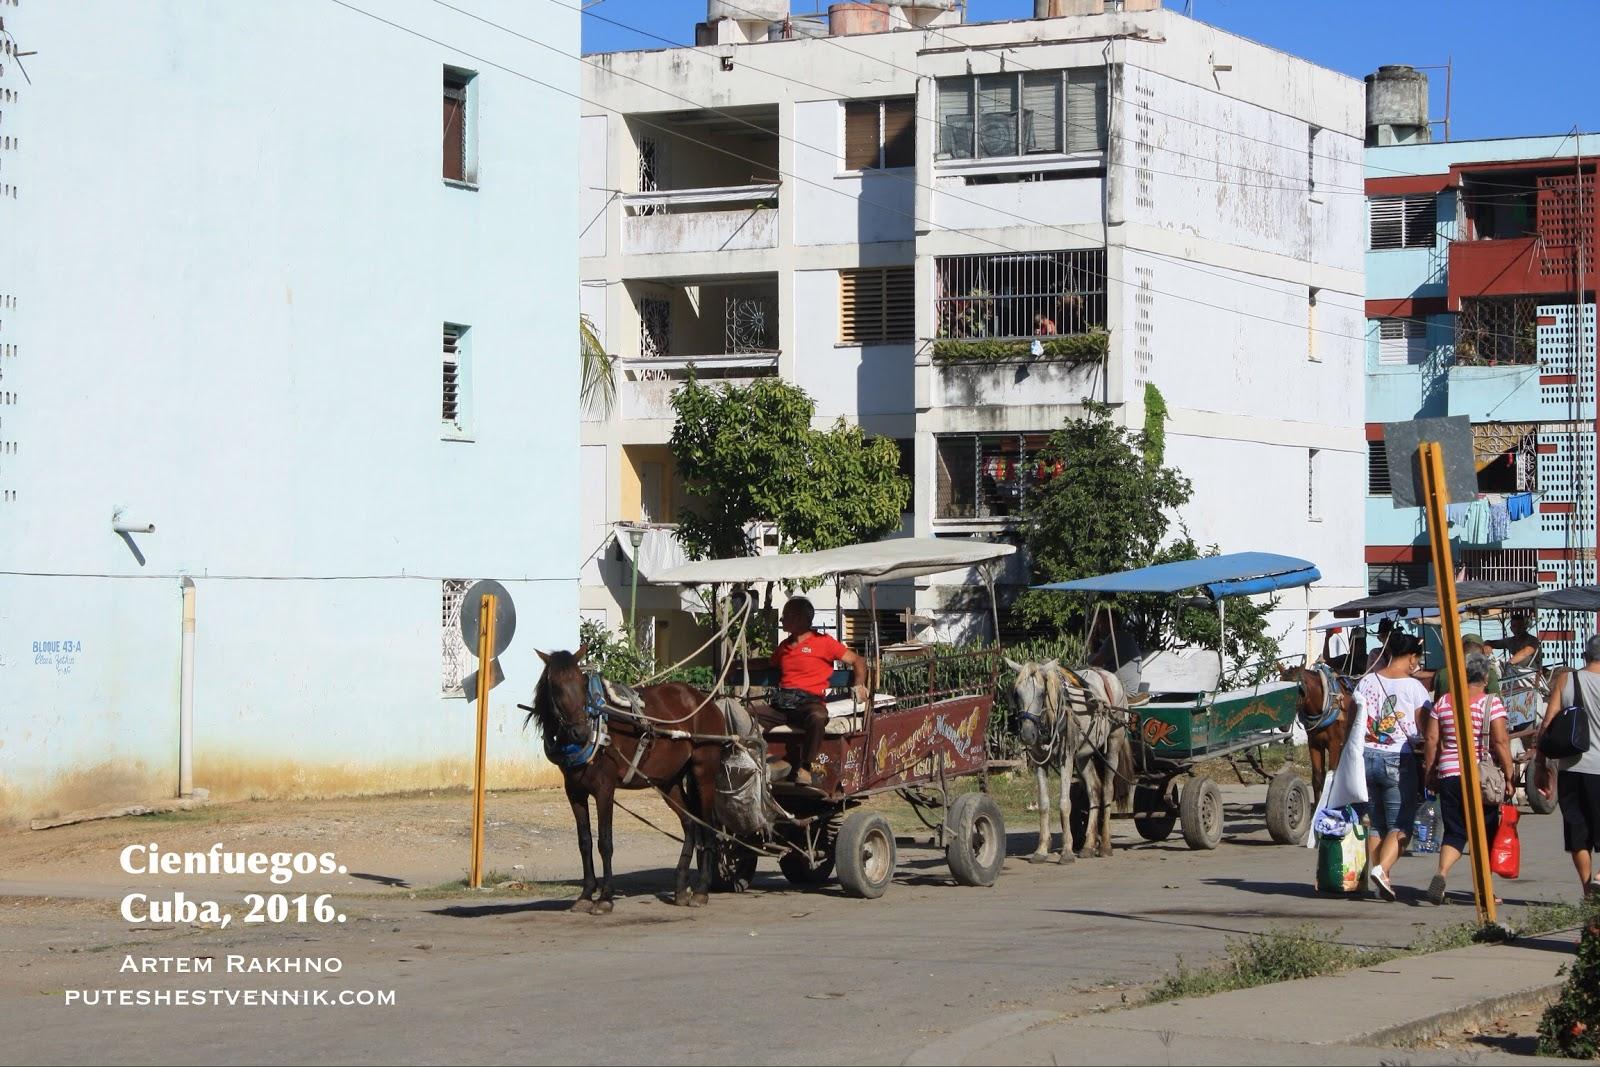 Извозчики с лошадьми в Сьенфуэгосе